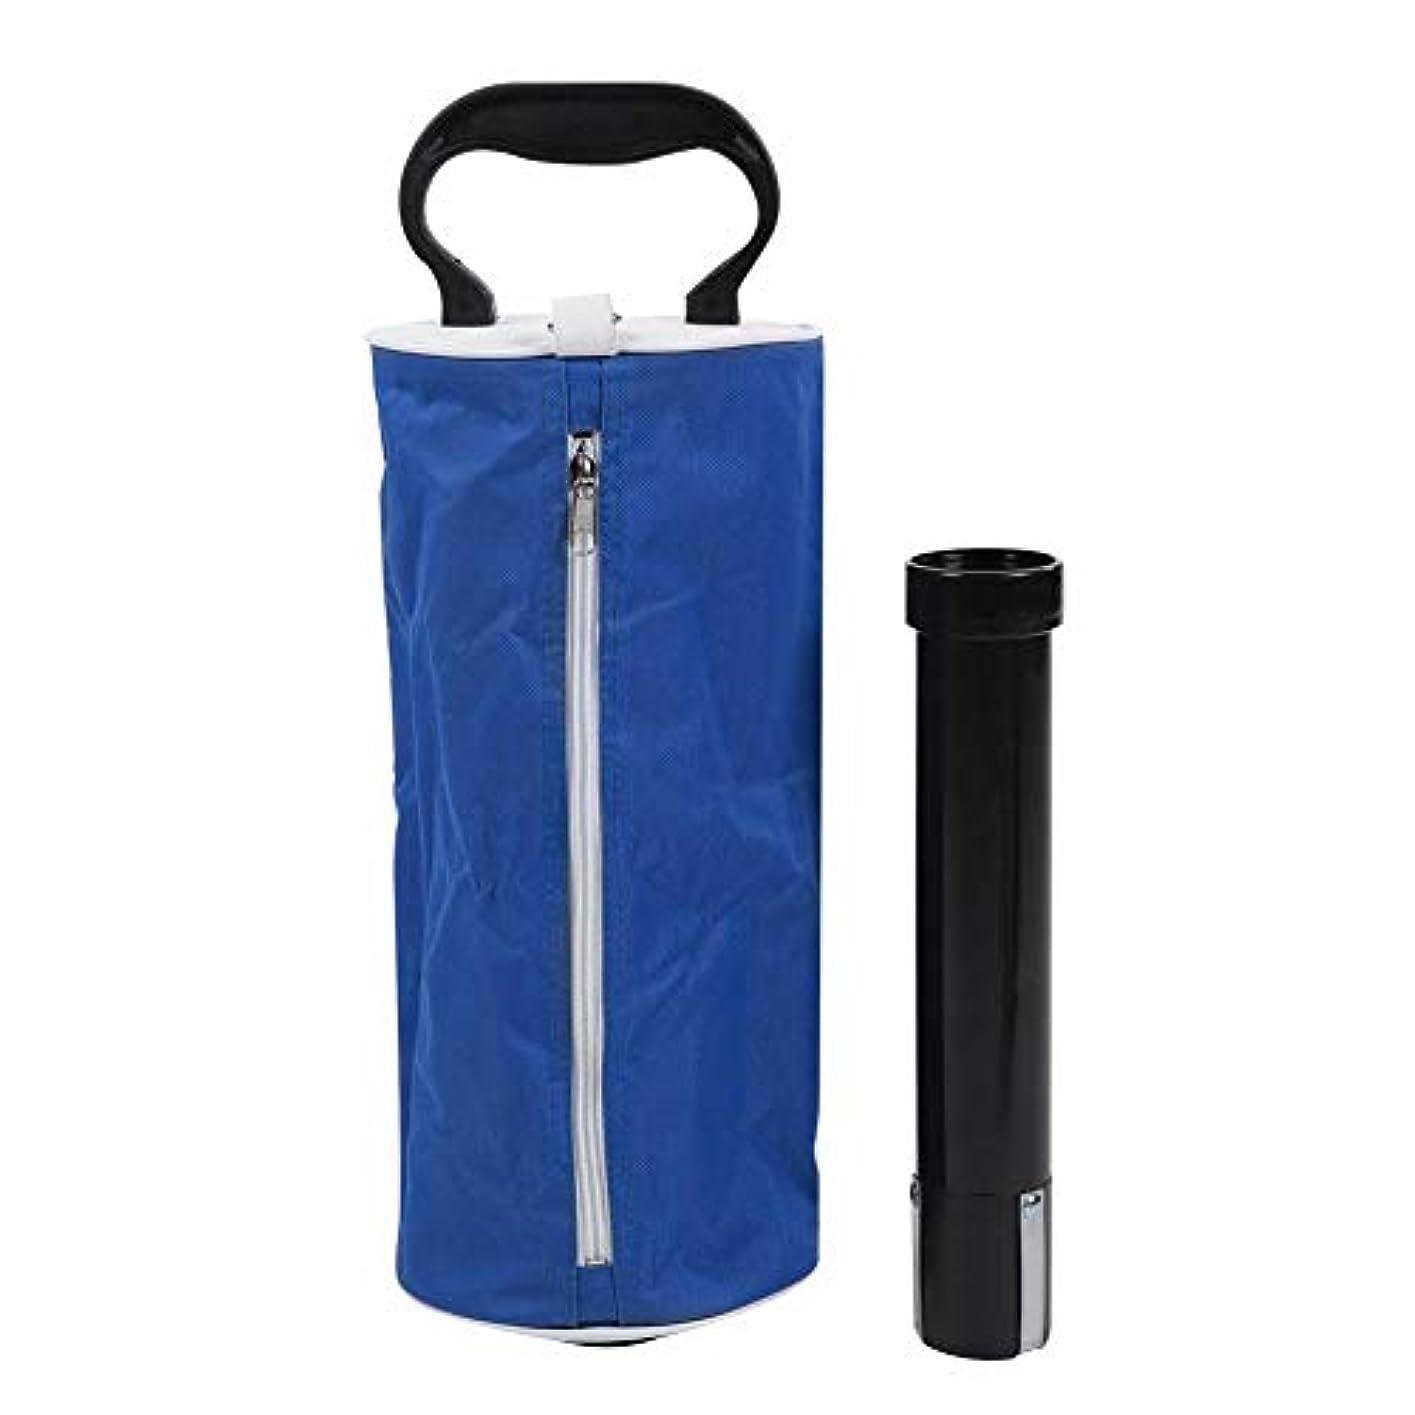 国歌強盗ピアニストゴルフピックアップバッグ ジッパー付きポータブル大容量ゴルフボールピッカー